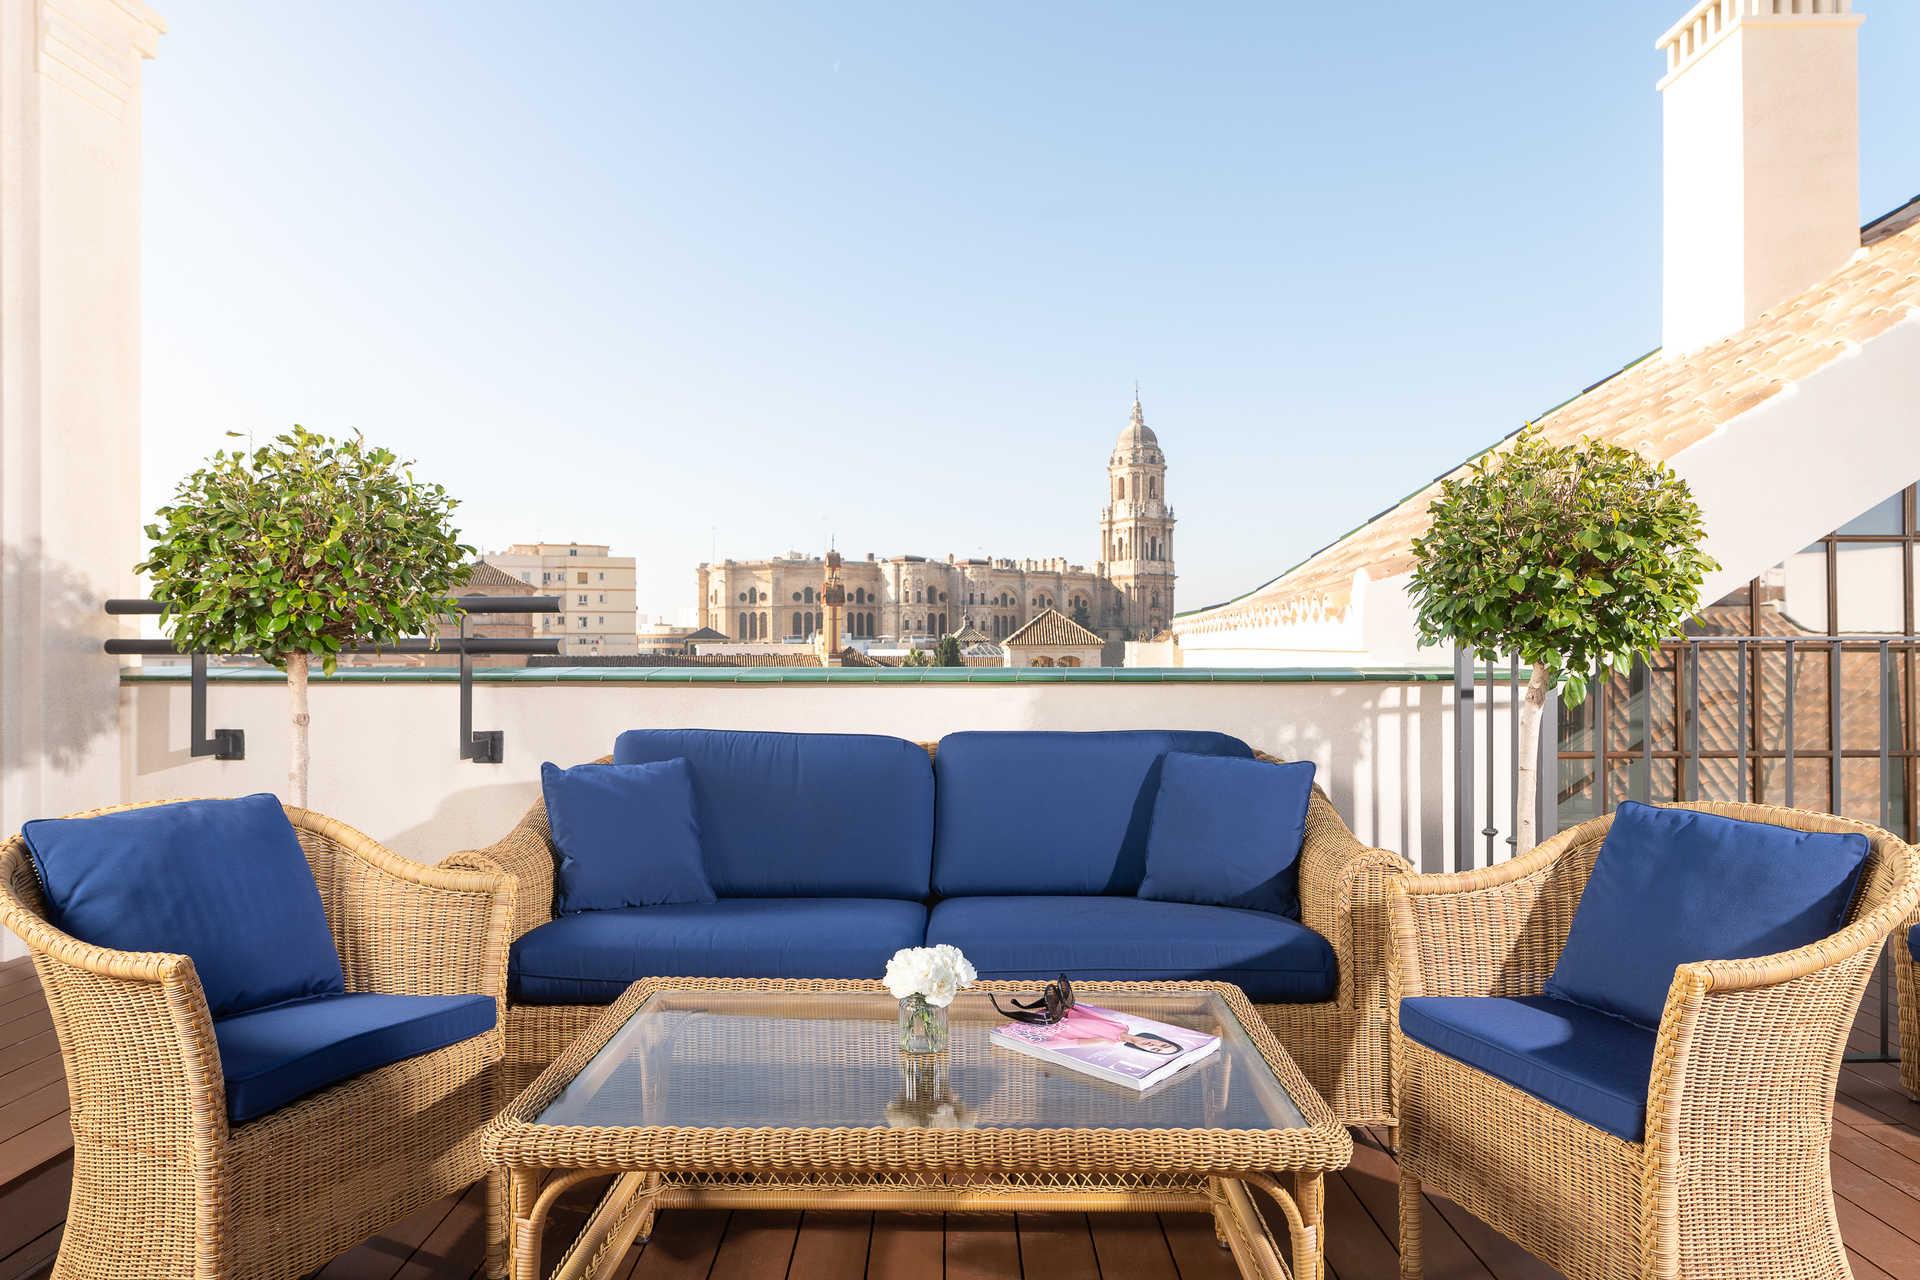 Tapeo andaluz al atardecer con vistas a la Catedral de Málaga - Hotel Palacio Solecio